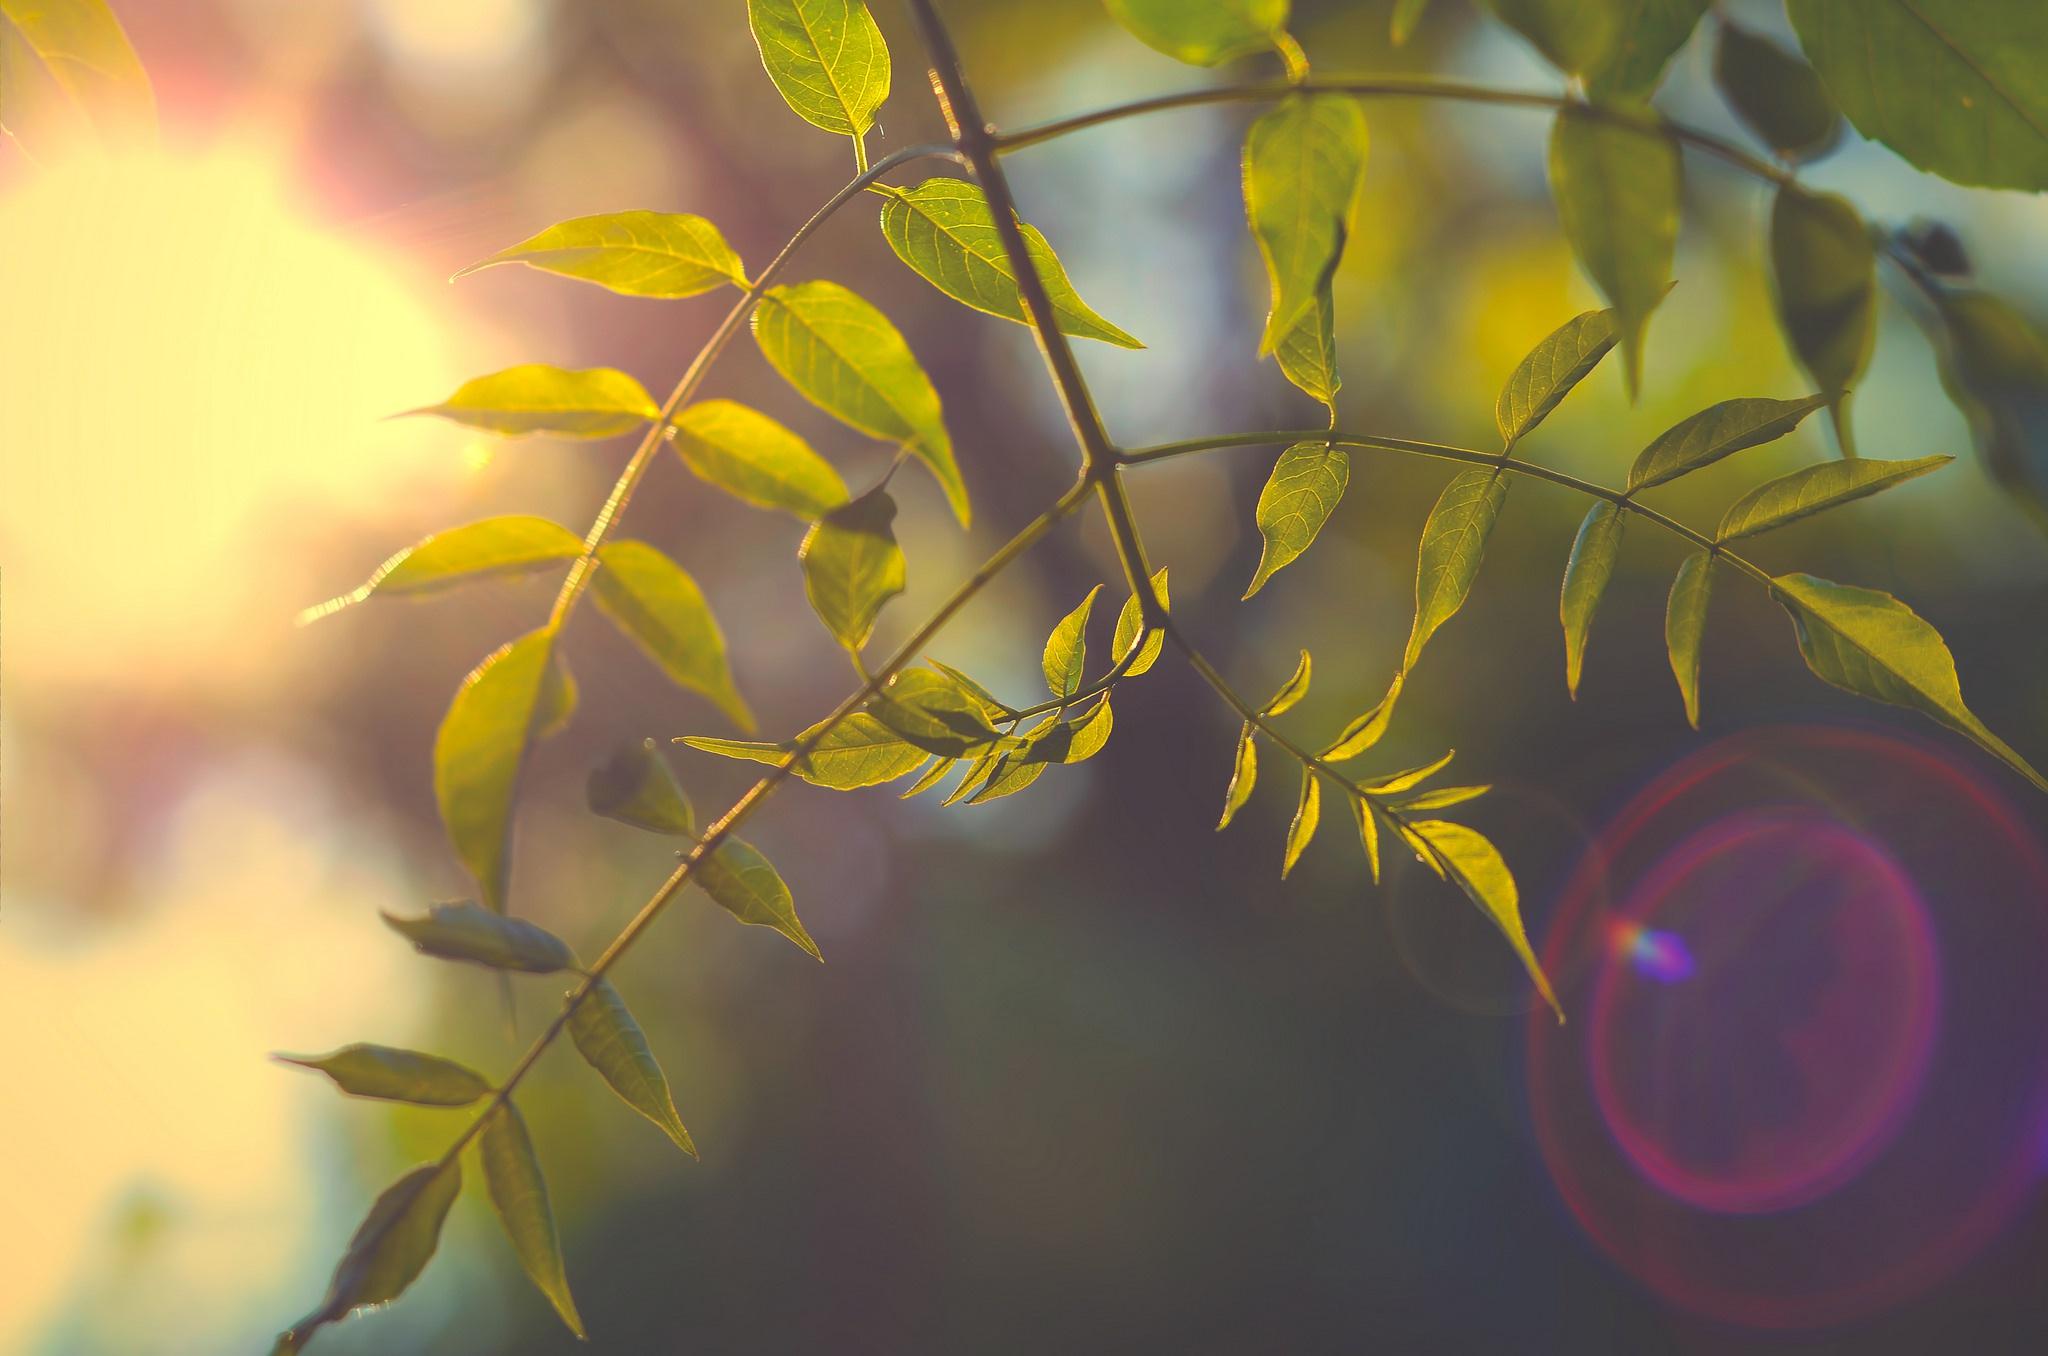 природа ветка листья nature branch leaves  № 2298  скачать